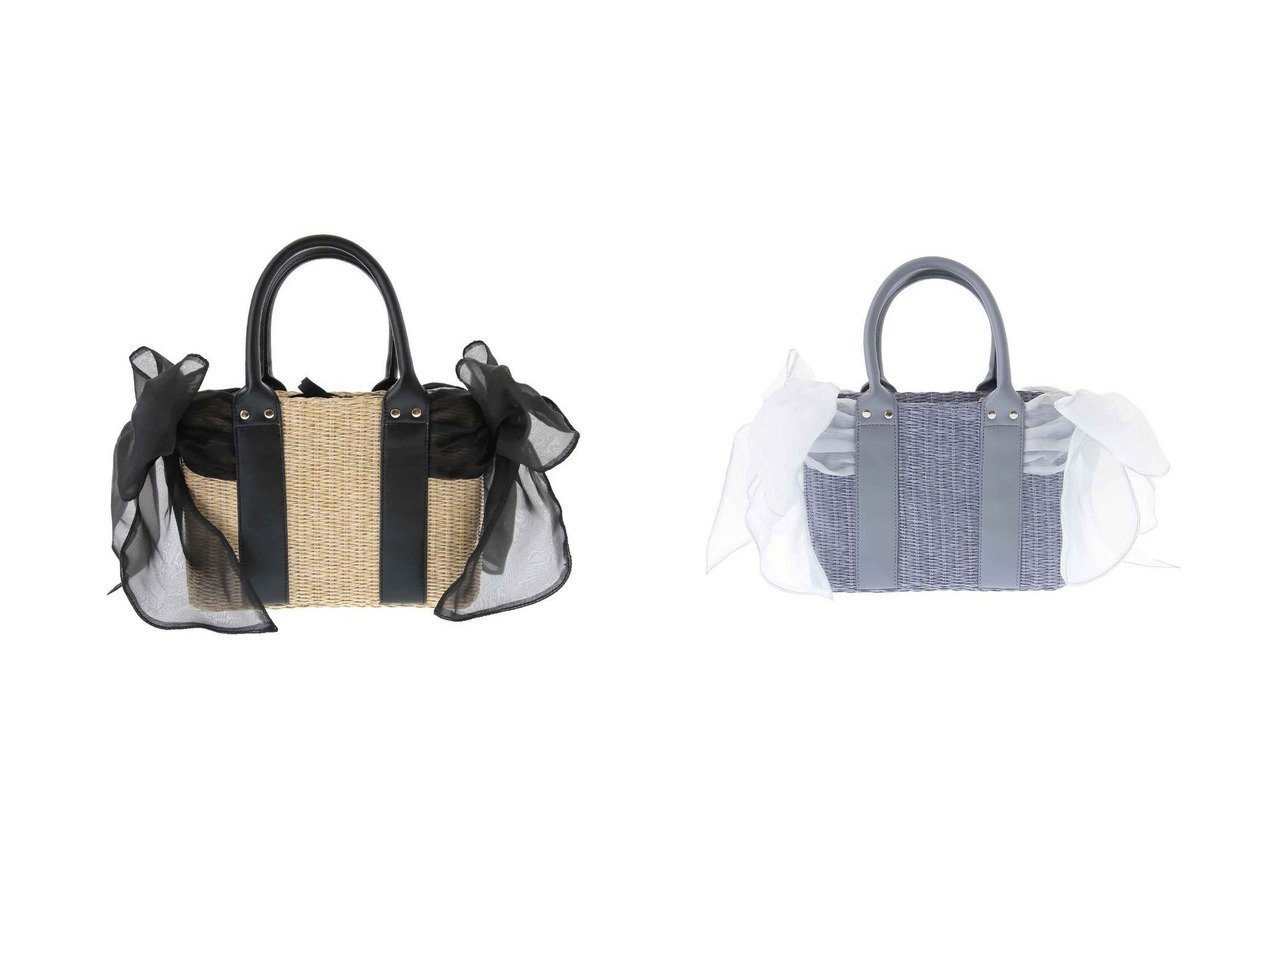 【31 Sons de mode/トランテアン ソン ドゥ モード】のサイドリボンペーパーバッグ 【バッグ・鞄】おすすめ!人気、トレンド・レディースファッションの通販 おすすめで人気の流行・トレンド、ファッションの通販商品 メンズファッション・キッズファッション・インテリア・家具・レディースファッション・服の通販 founy(ファニー) https://founy.com/ ファッション Fashion レディースファッション WOMEN バッグ Bag オーガンジー ペーパー リボン 巾着  ID:crp329100000030208